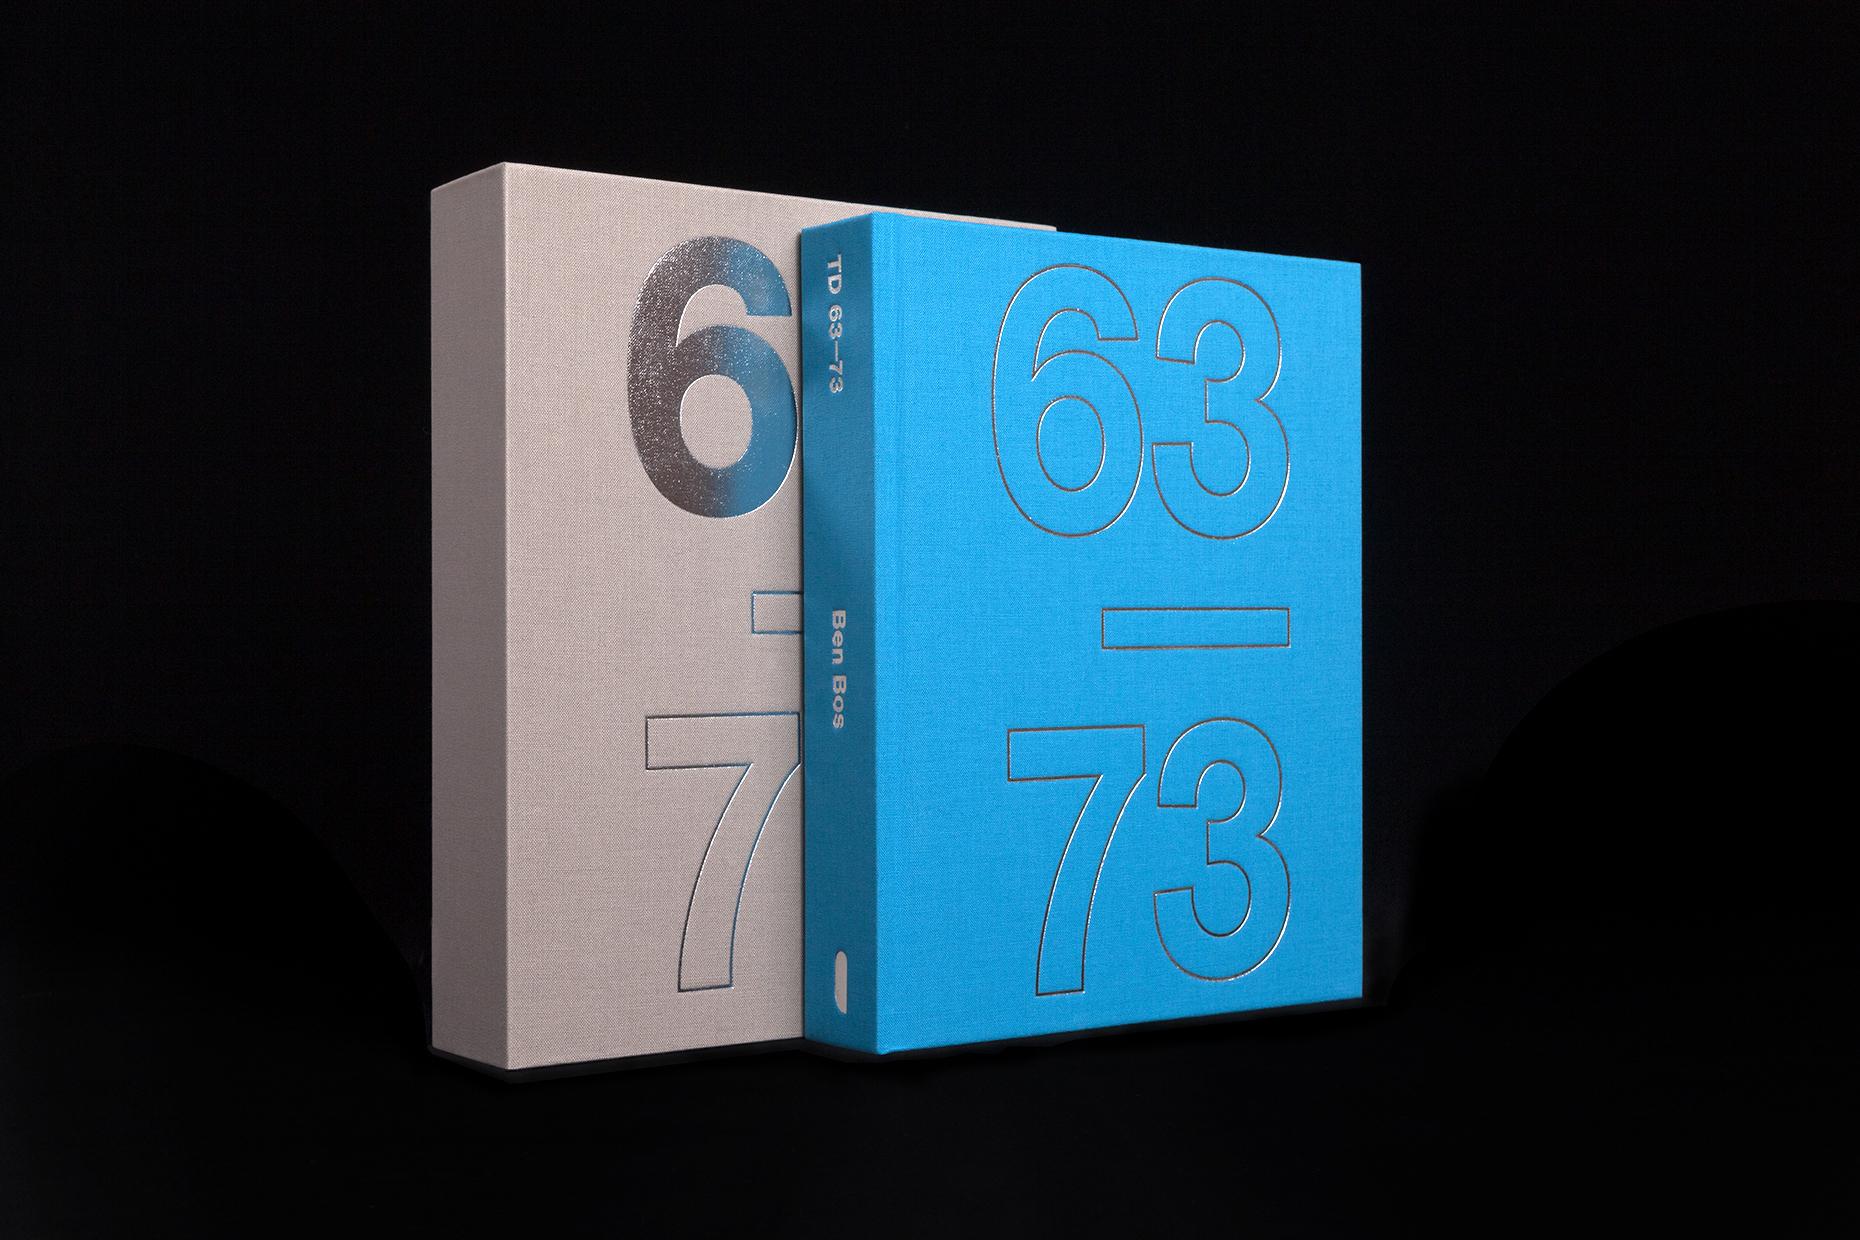 TD 63-73 v2.0